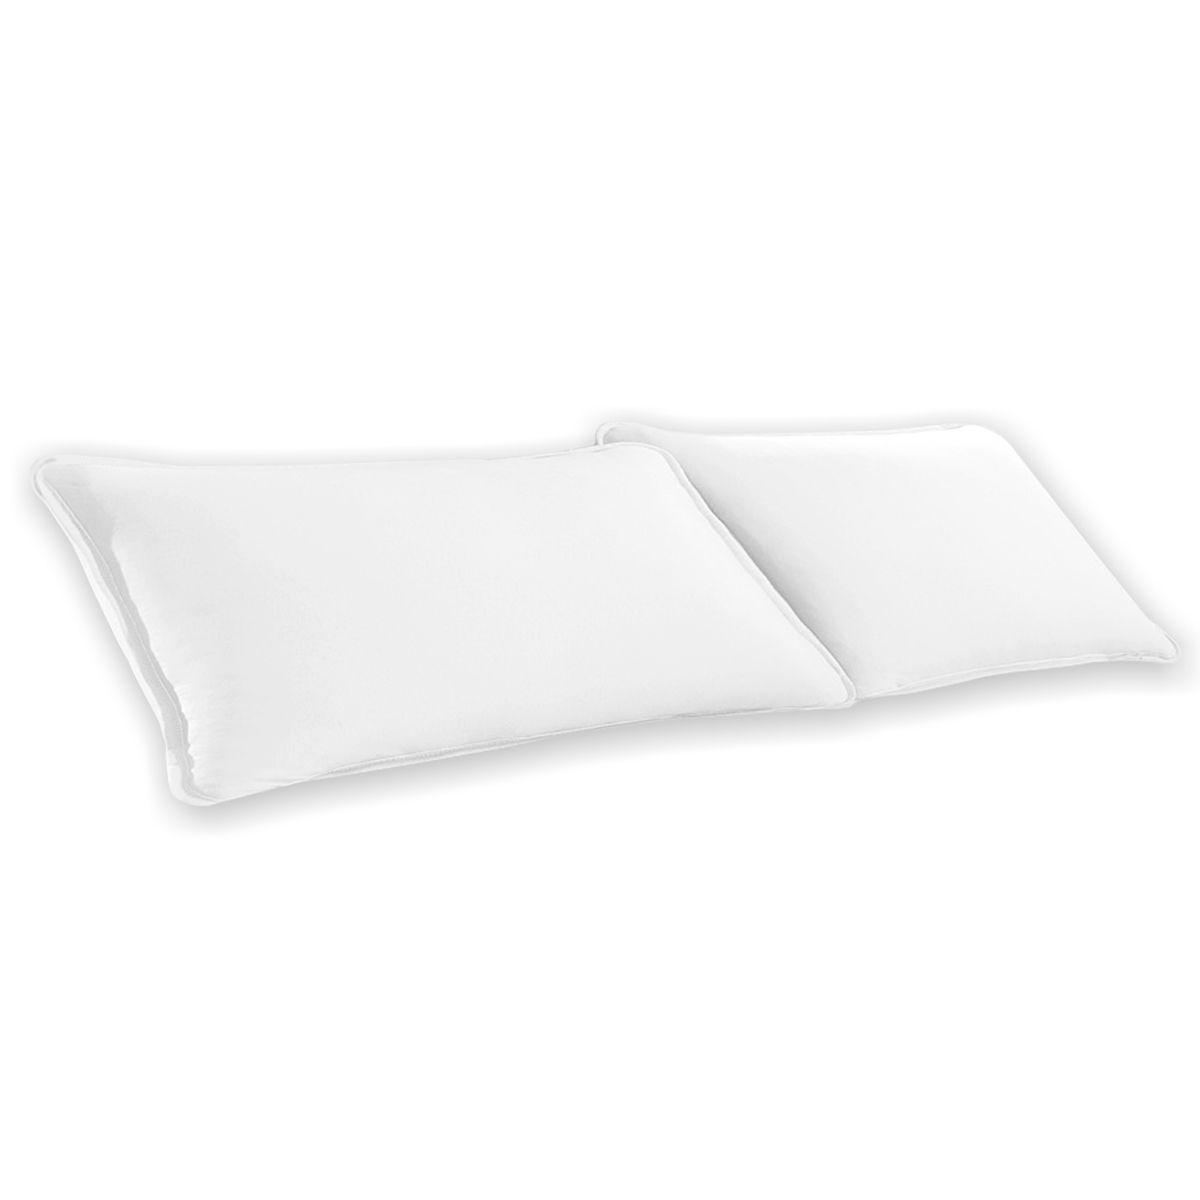 Par de Fronhas Branco Lisa em Malha 100% Algodão 120g/m2